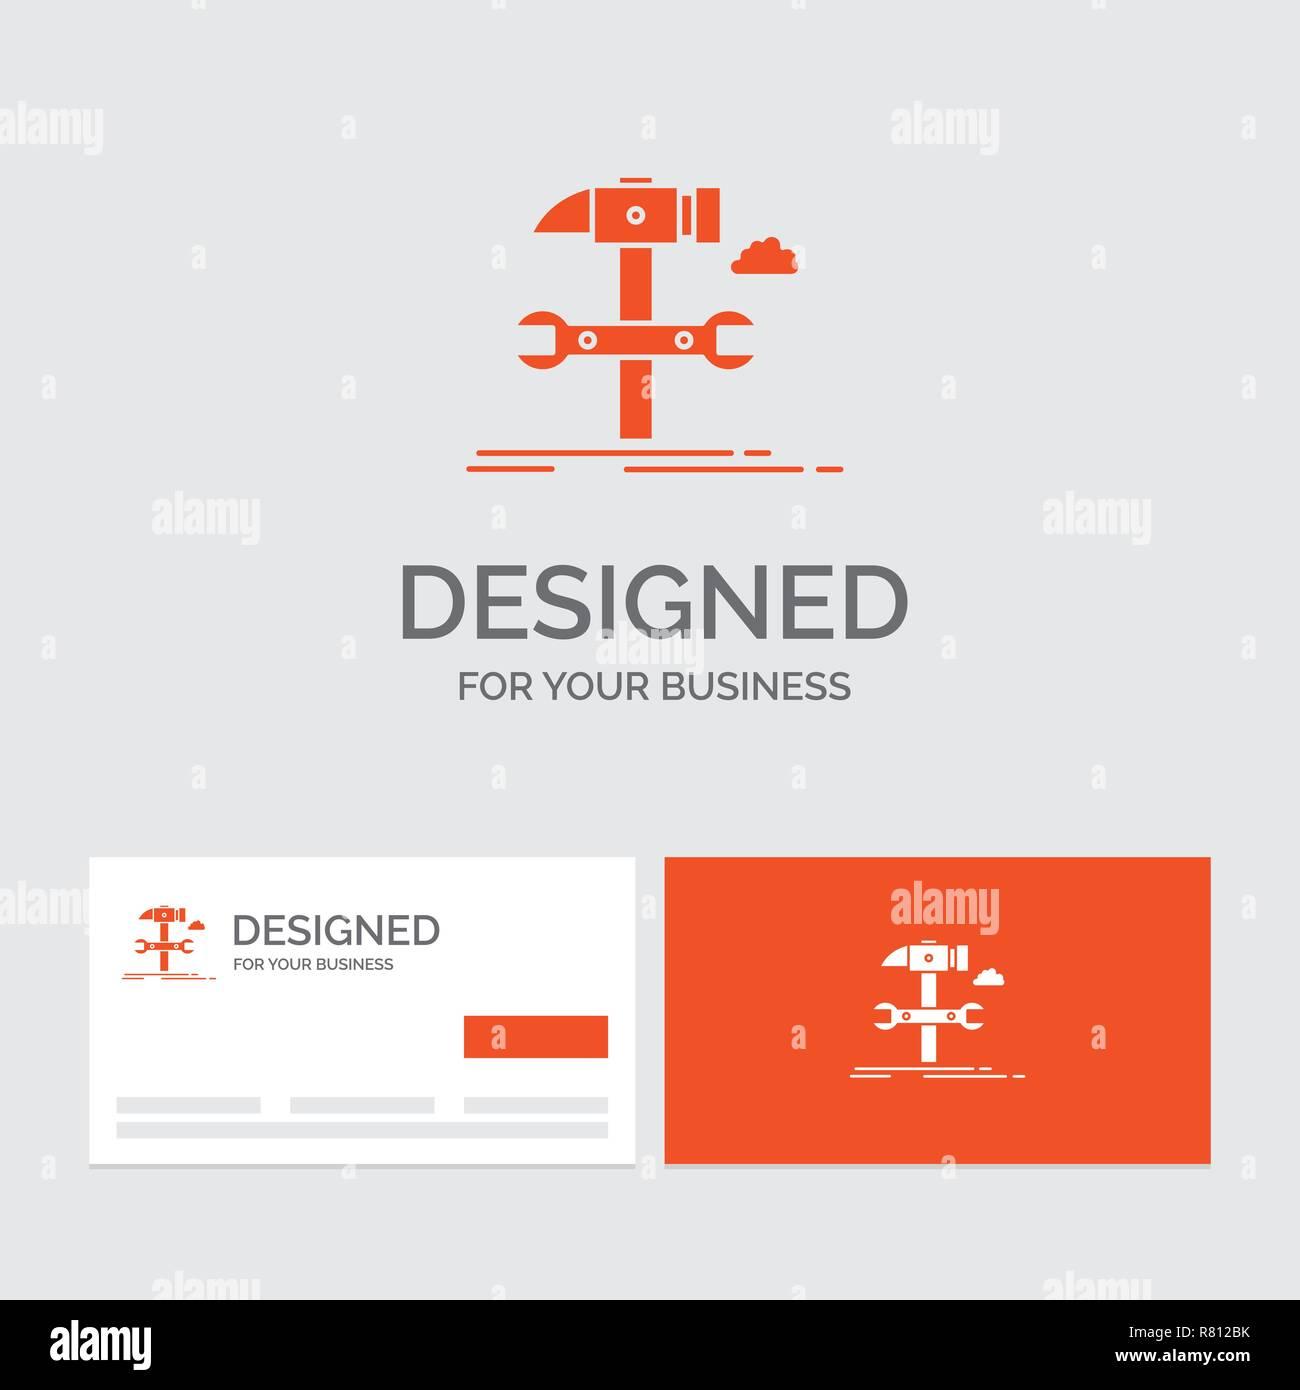 Logo Dentreprise Modele Pour Construire Lingenierie Marteau Reparation Service Cartes De Visite Orange Avec Marque